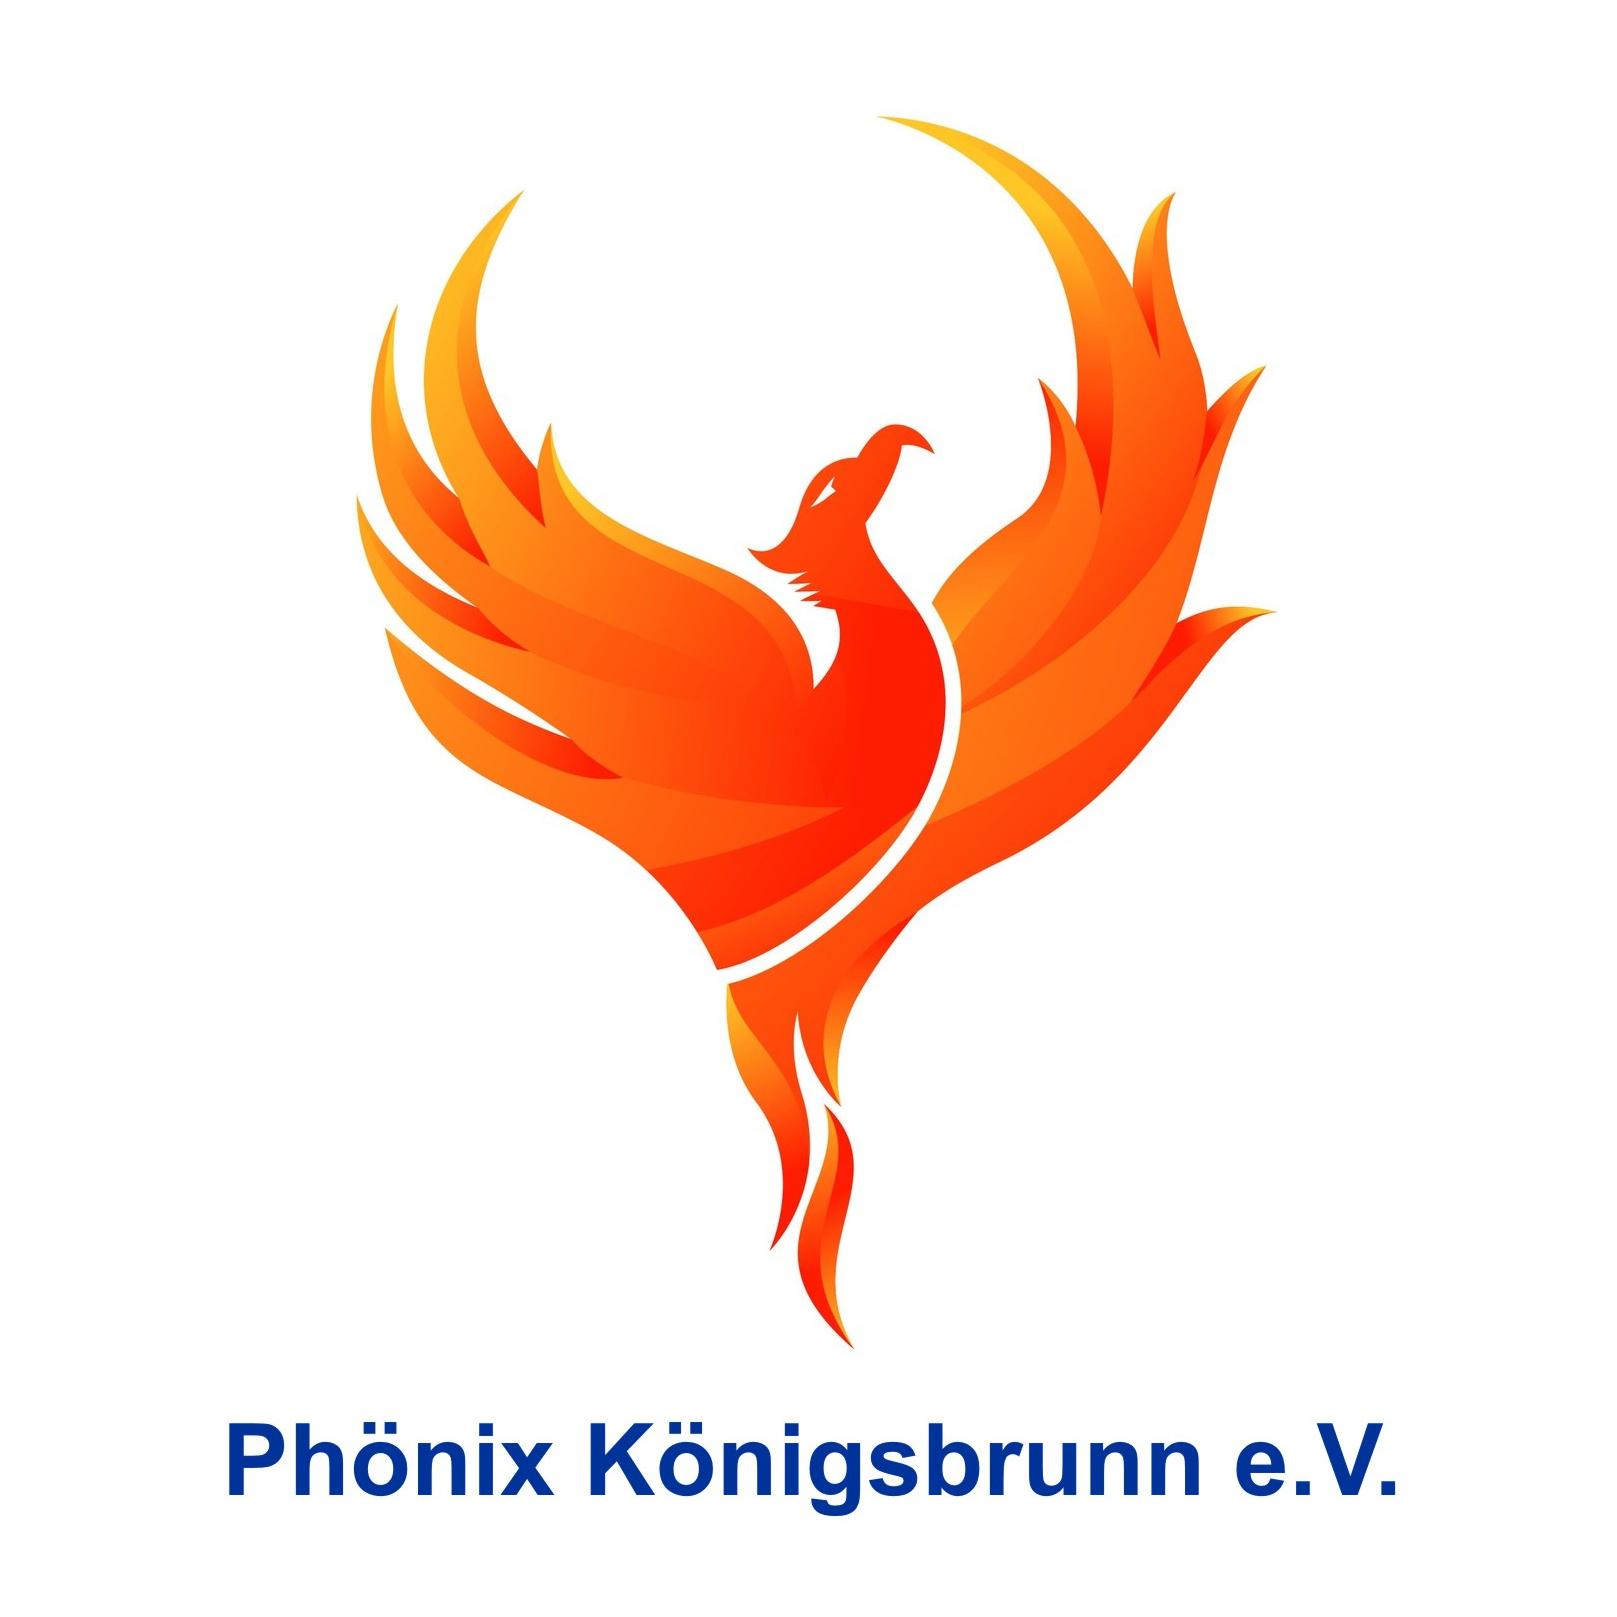 phönix königsbrunn e.v.